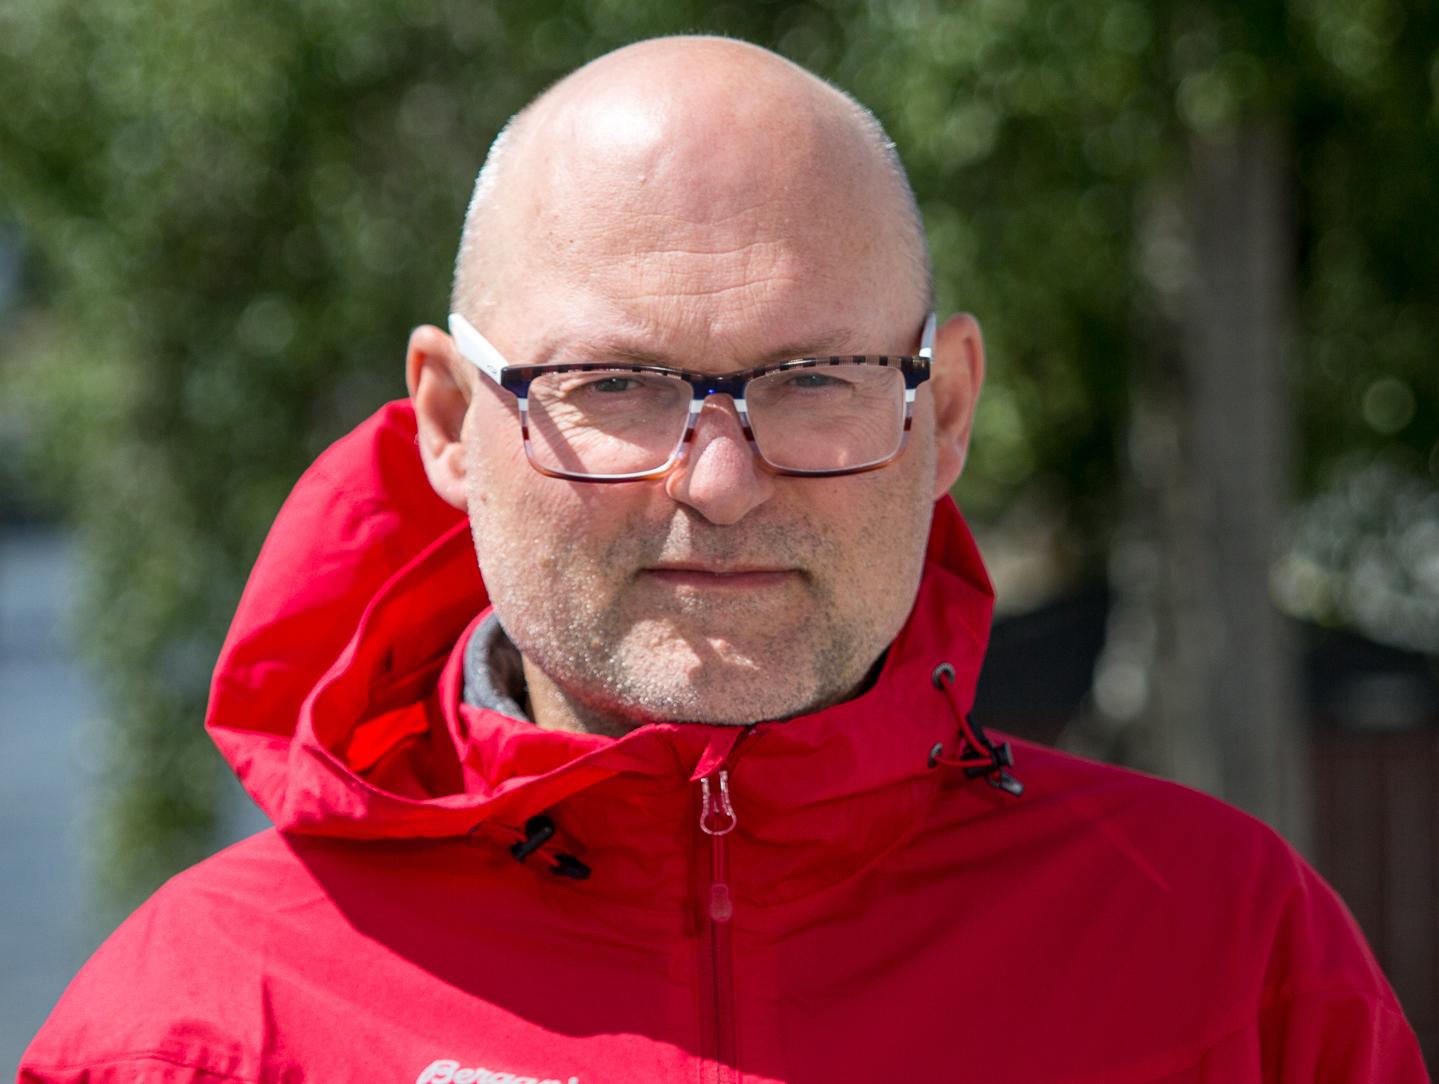 Pål Thjømøe